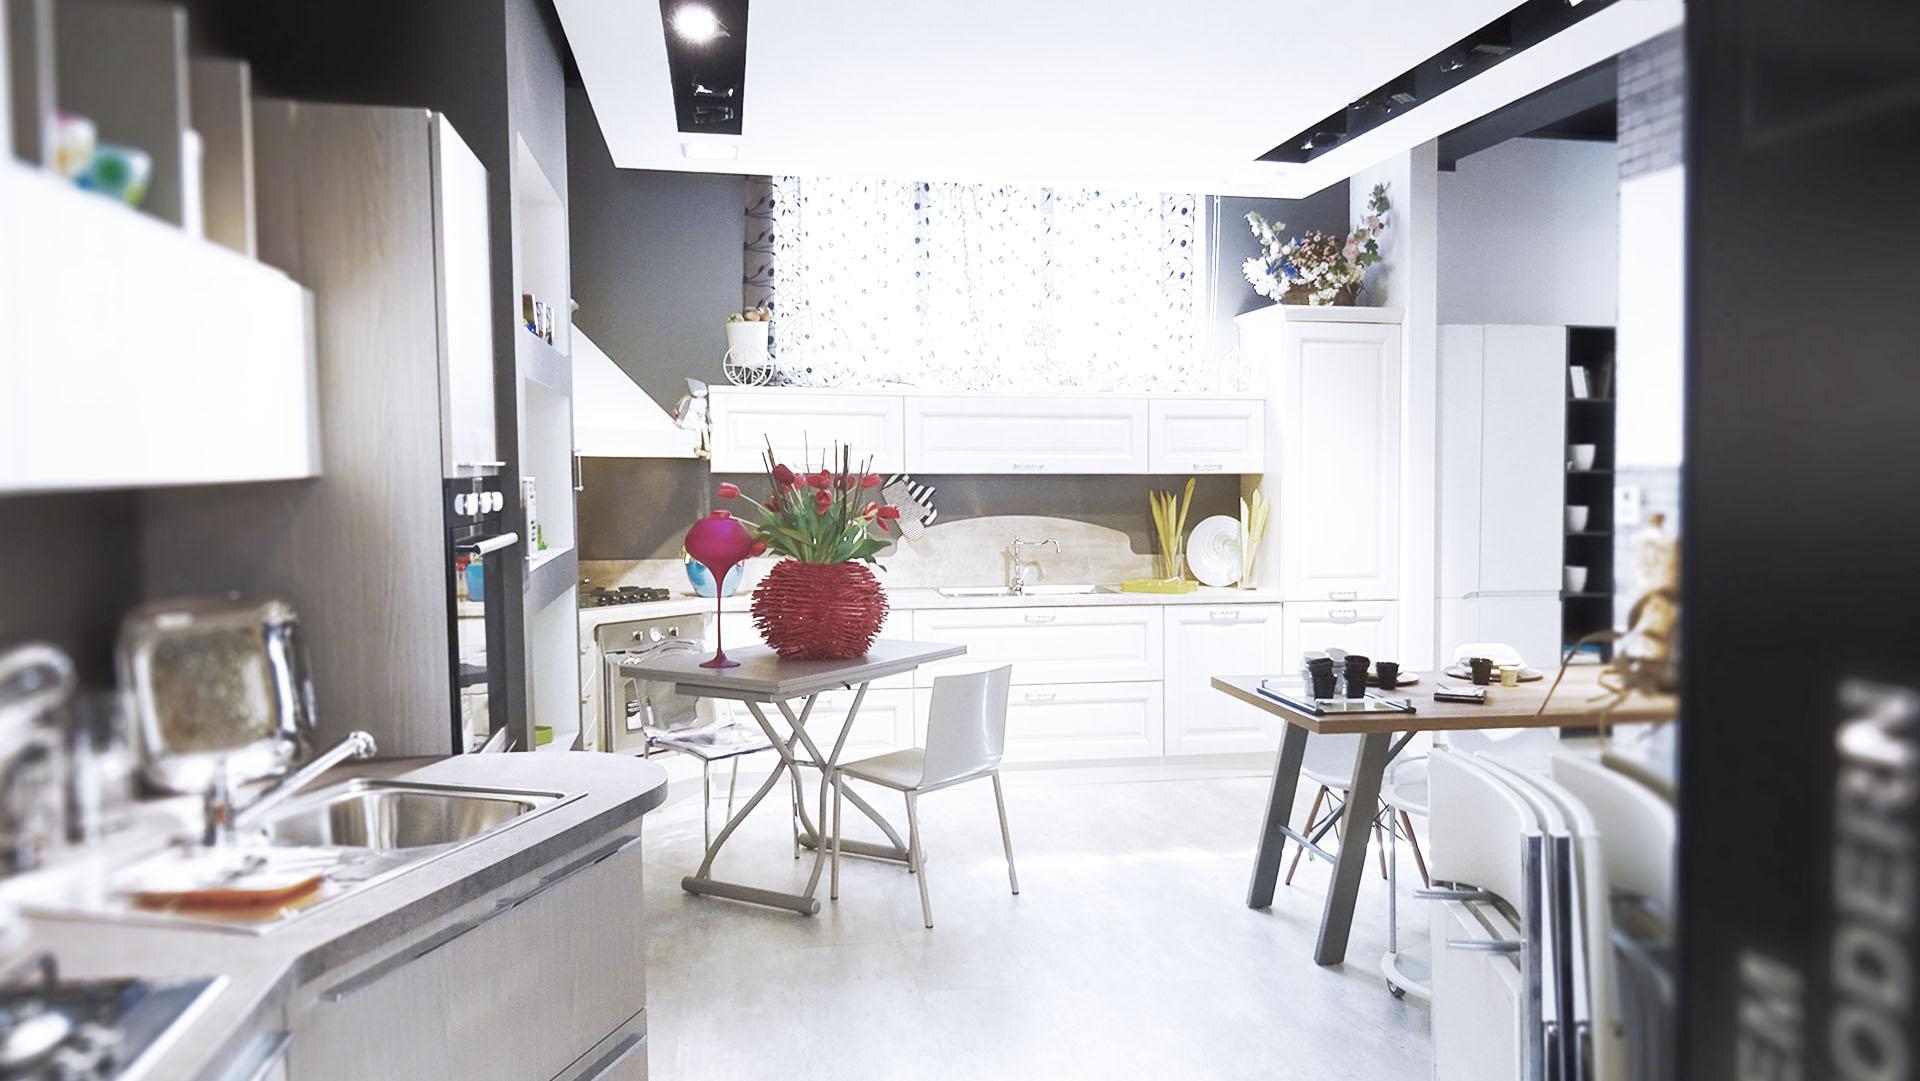 Architettamy furzi showroom cucine grosseto - Mobili grosseto ...